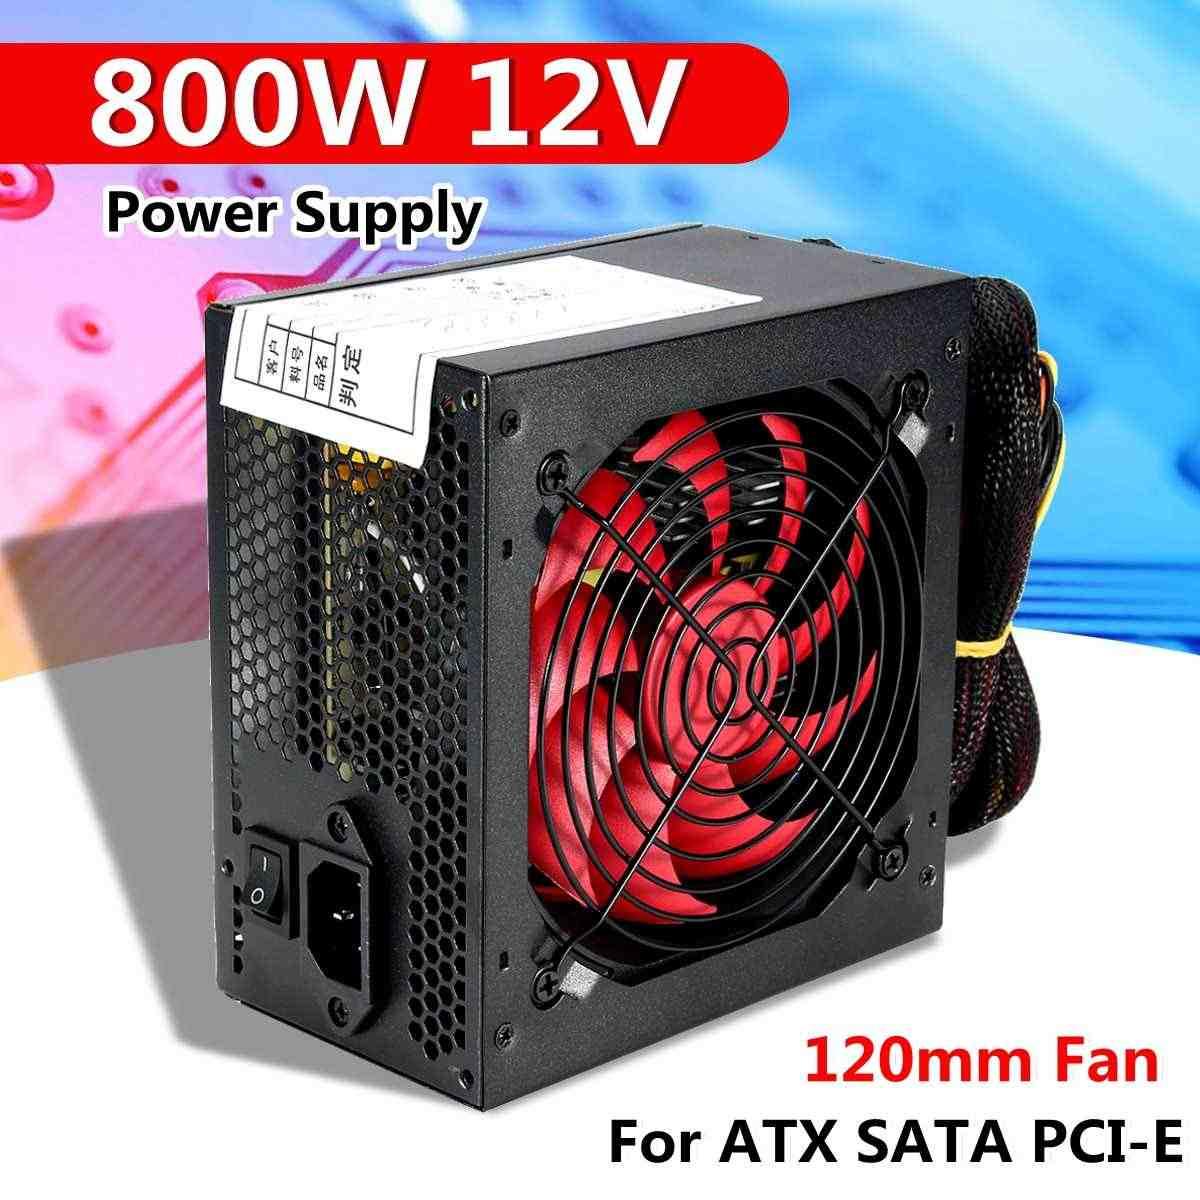 800W wielokanałowa moc PC zasilanie z 12cm wentylator zasilacz do komputera dla Intel AMD PC 12V ATX SLI PCI-E gry komputerowe